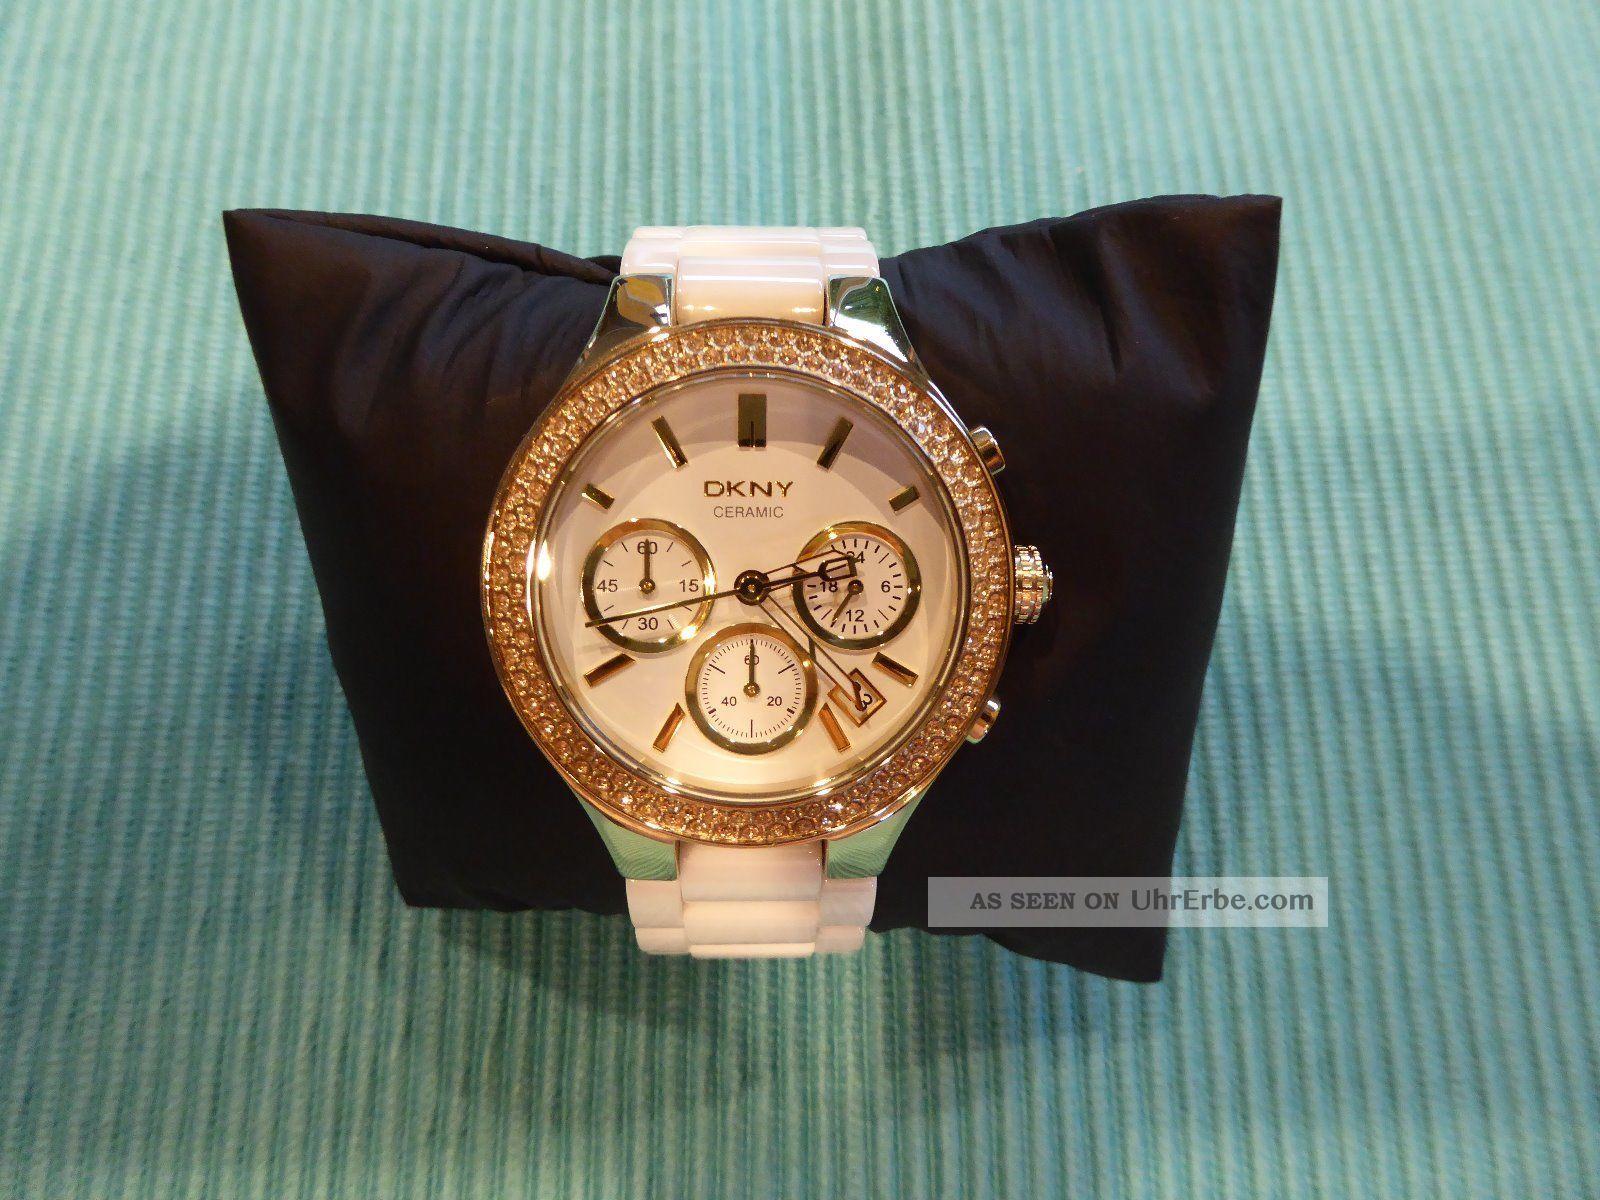 Dkny Ceramic Uhr Ny4986 Damenuhr Chronograph Keramikuhr - Wie Armbanduhren Bild